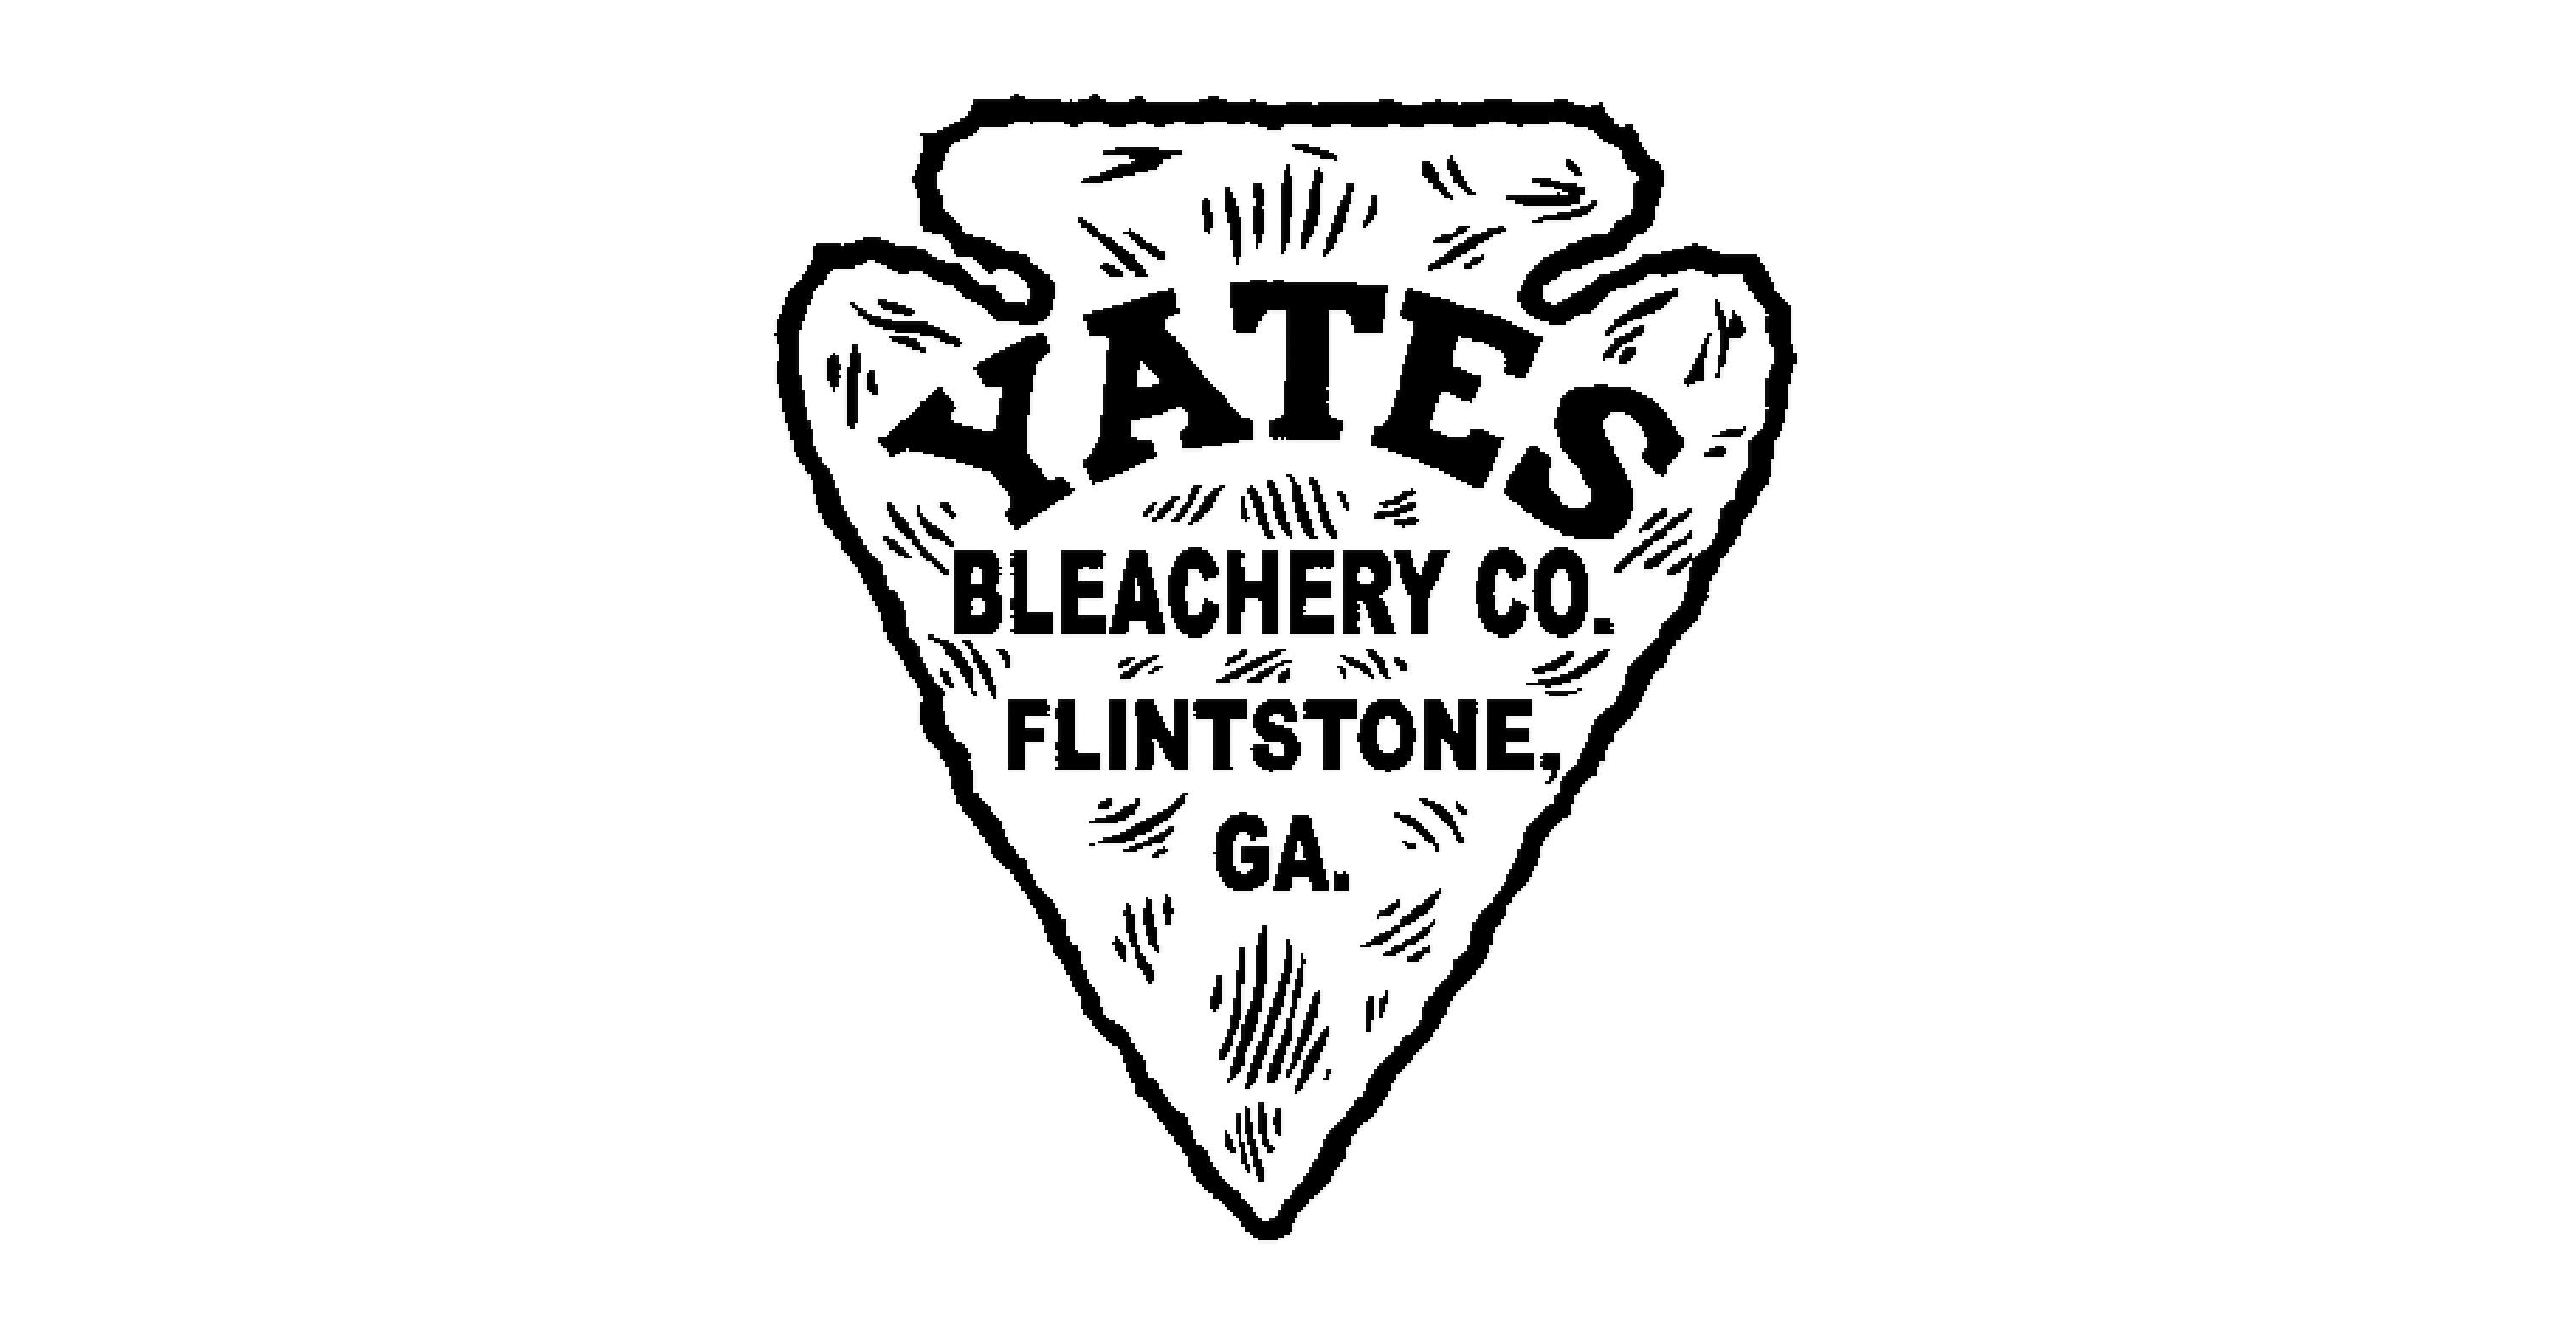 Yates Bleachery